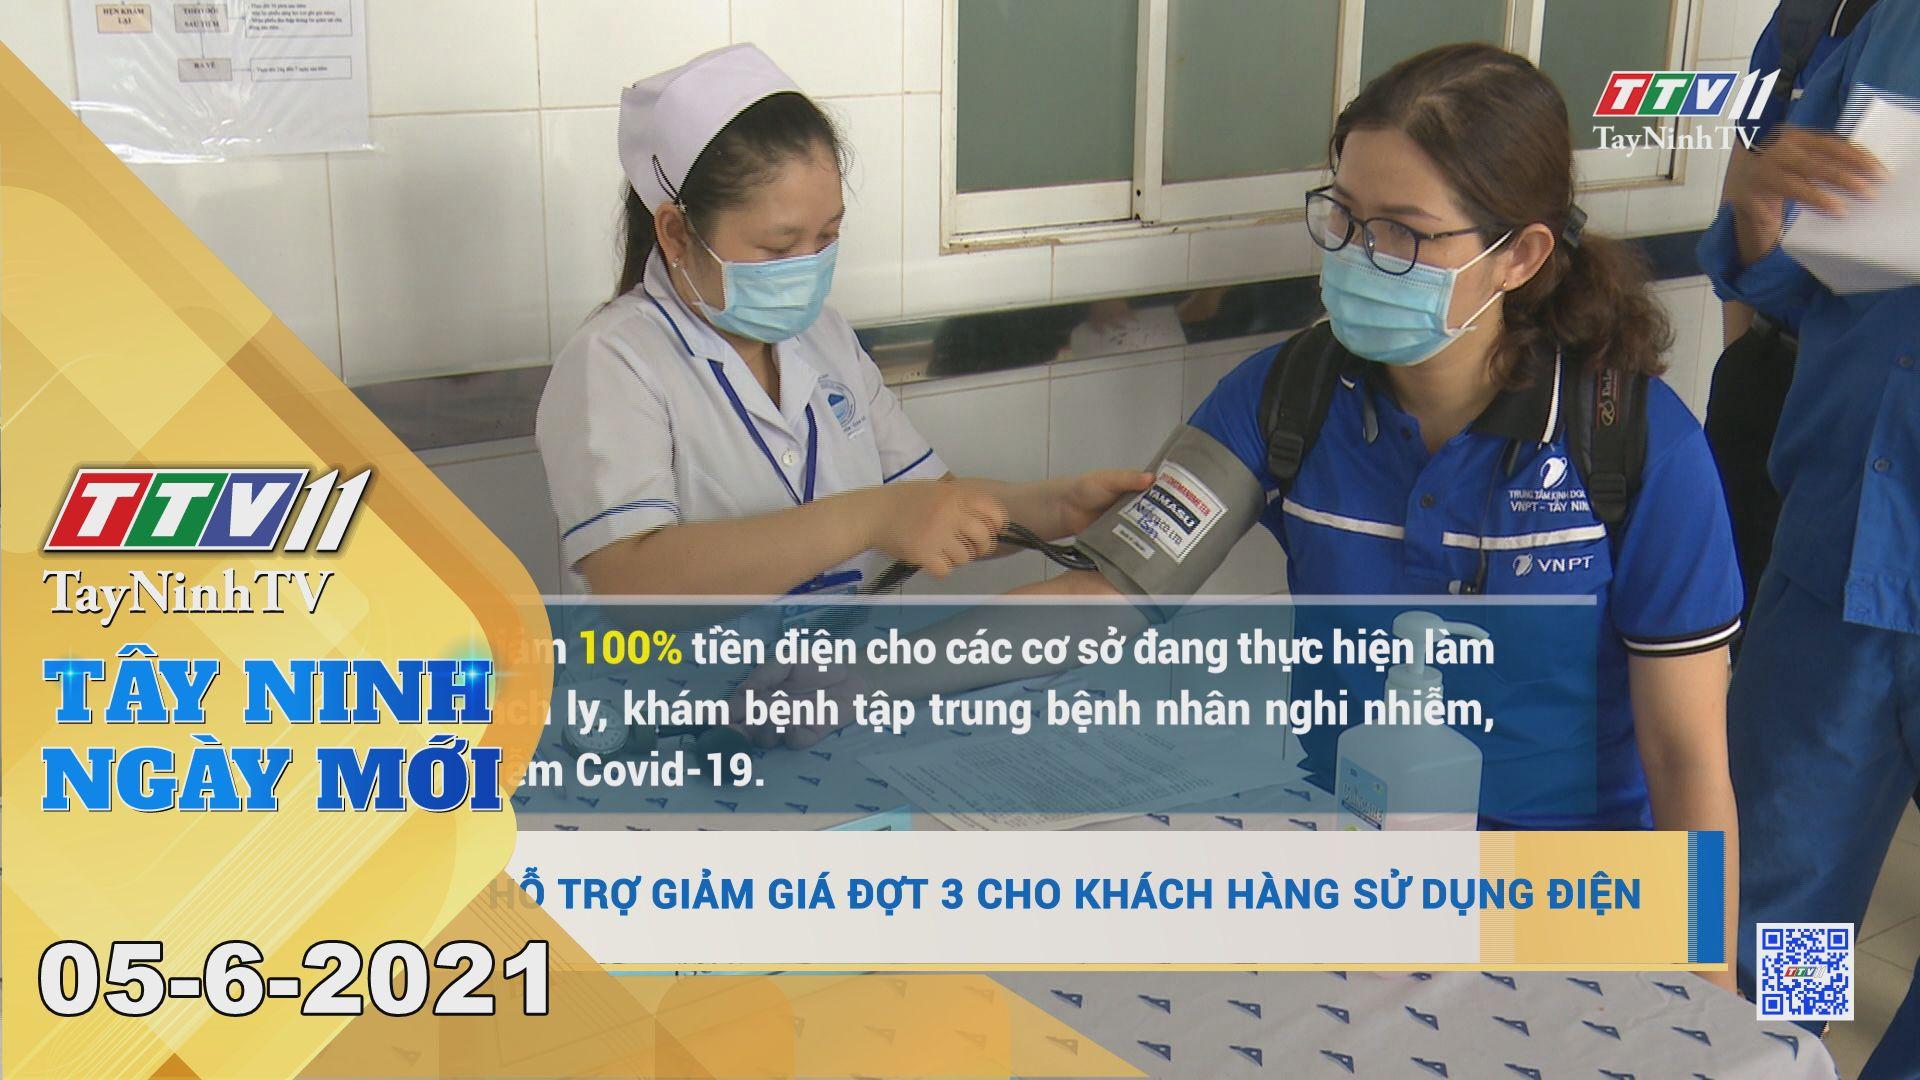 Tây Ninh Ngày Mới 05-6-2021 | Tin tức hôm nay | TayNinhTV